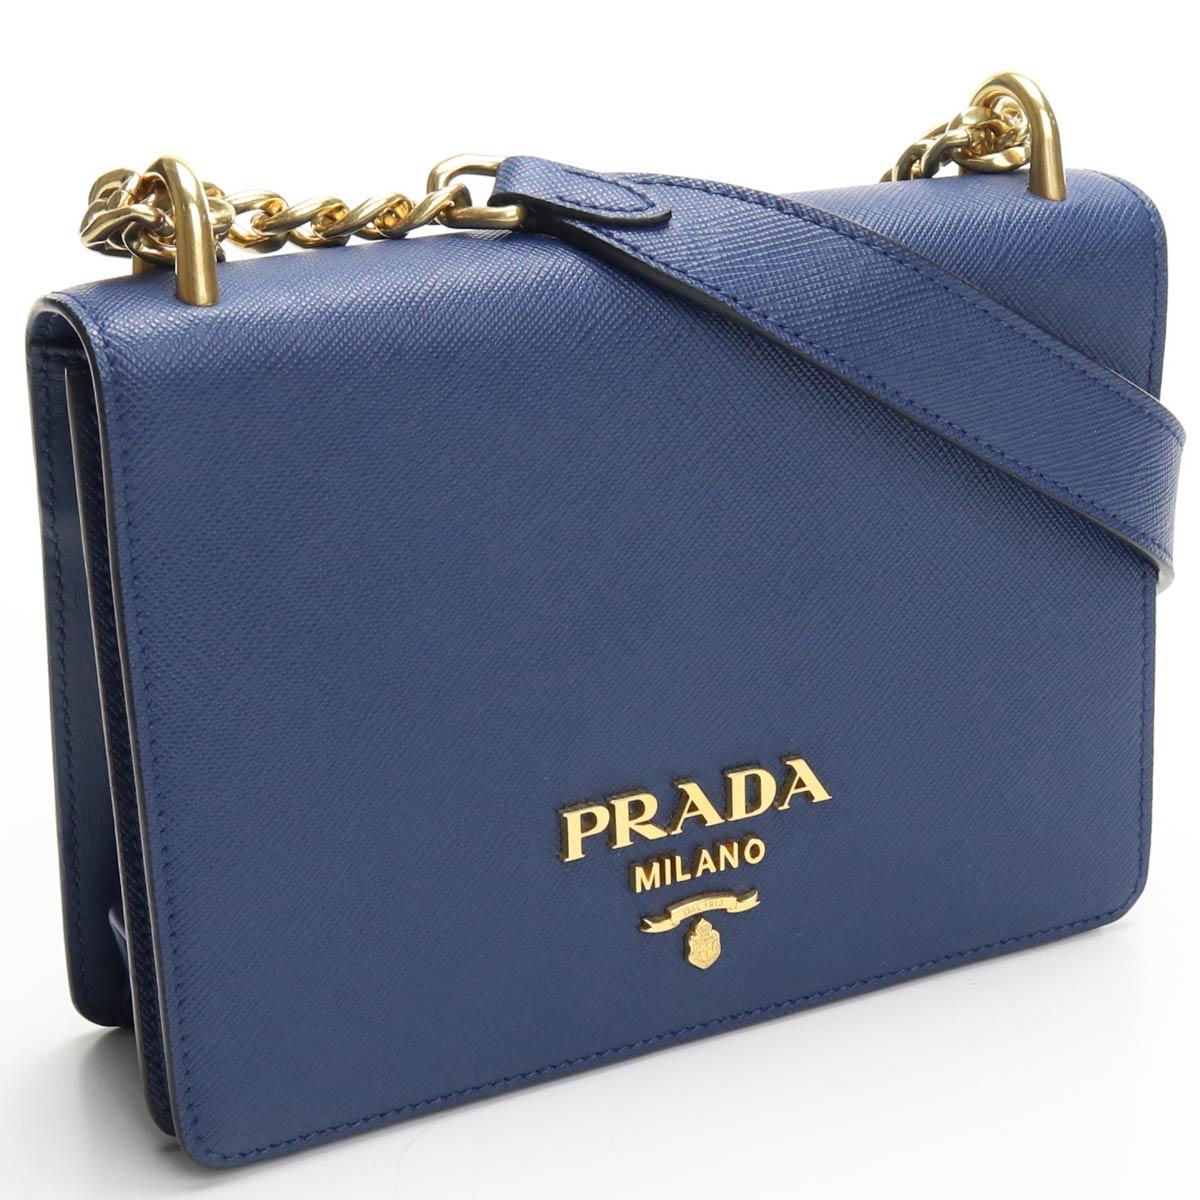 【中古良品】 プラダ PRADA チェーンショルダー ショルダーバッグ 1BD133 サフィアーノ (SAFFIANO) ブルー (blue) レディース 【ランク A】 us-2